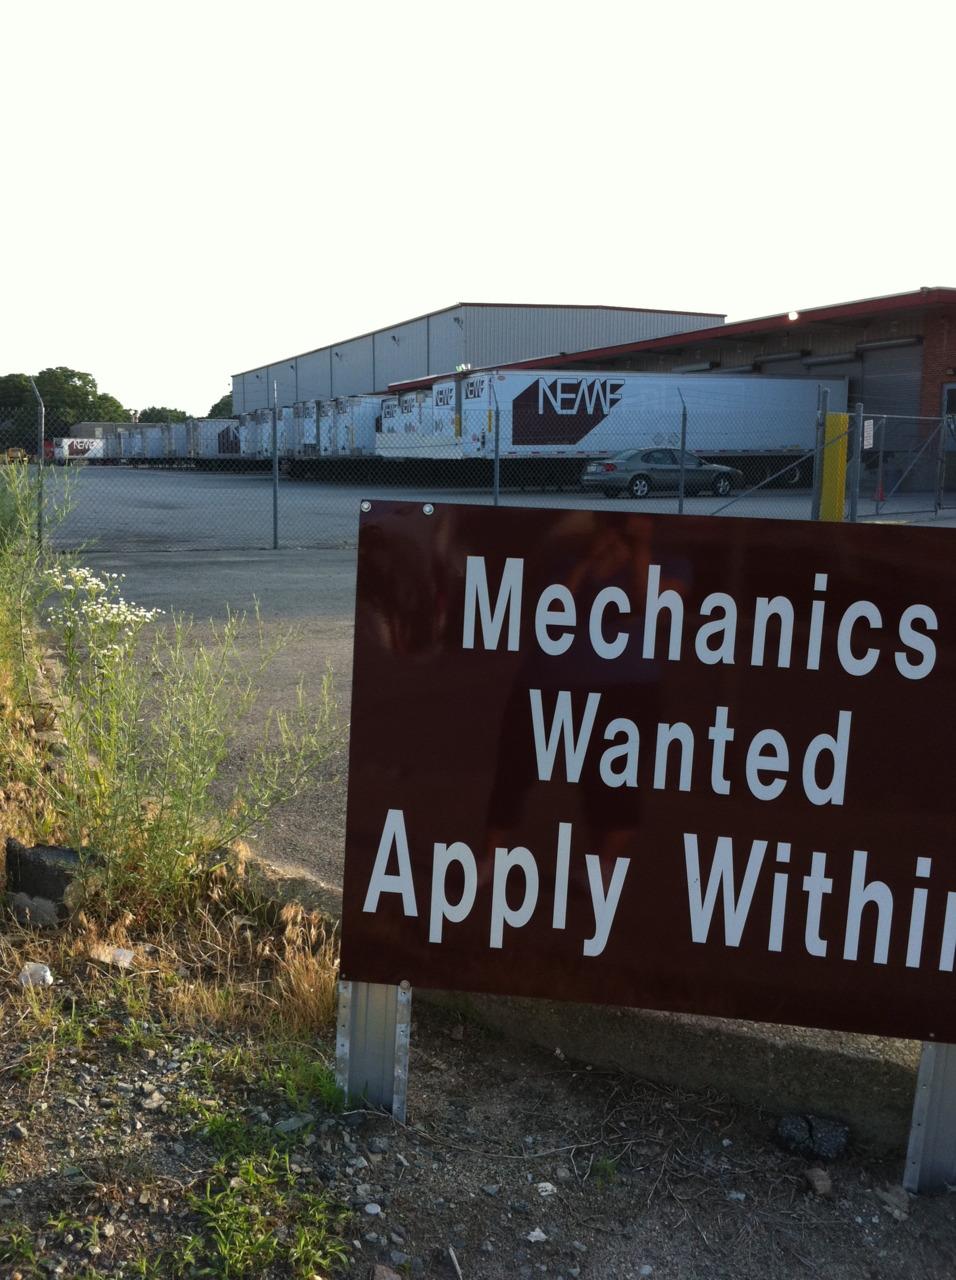 Mechanics wanted.